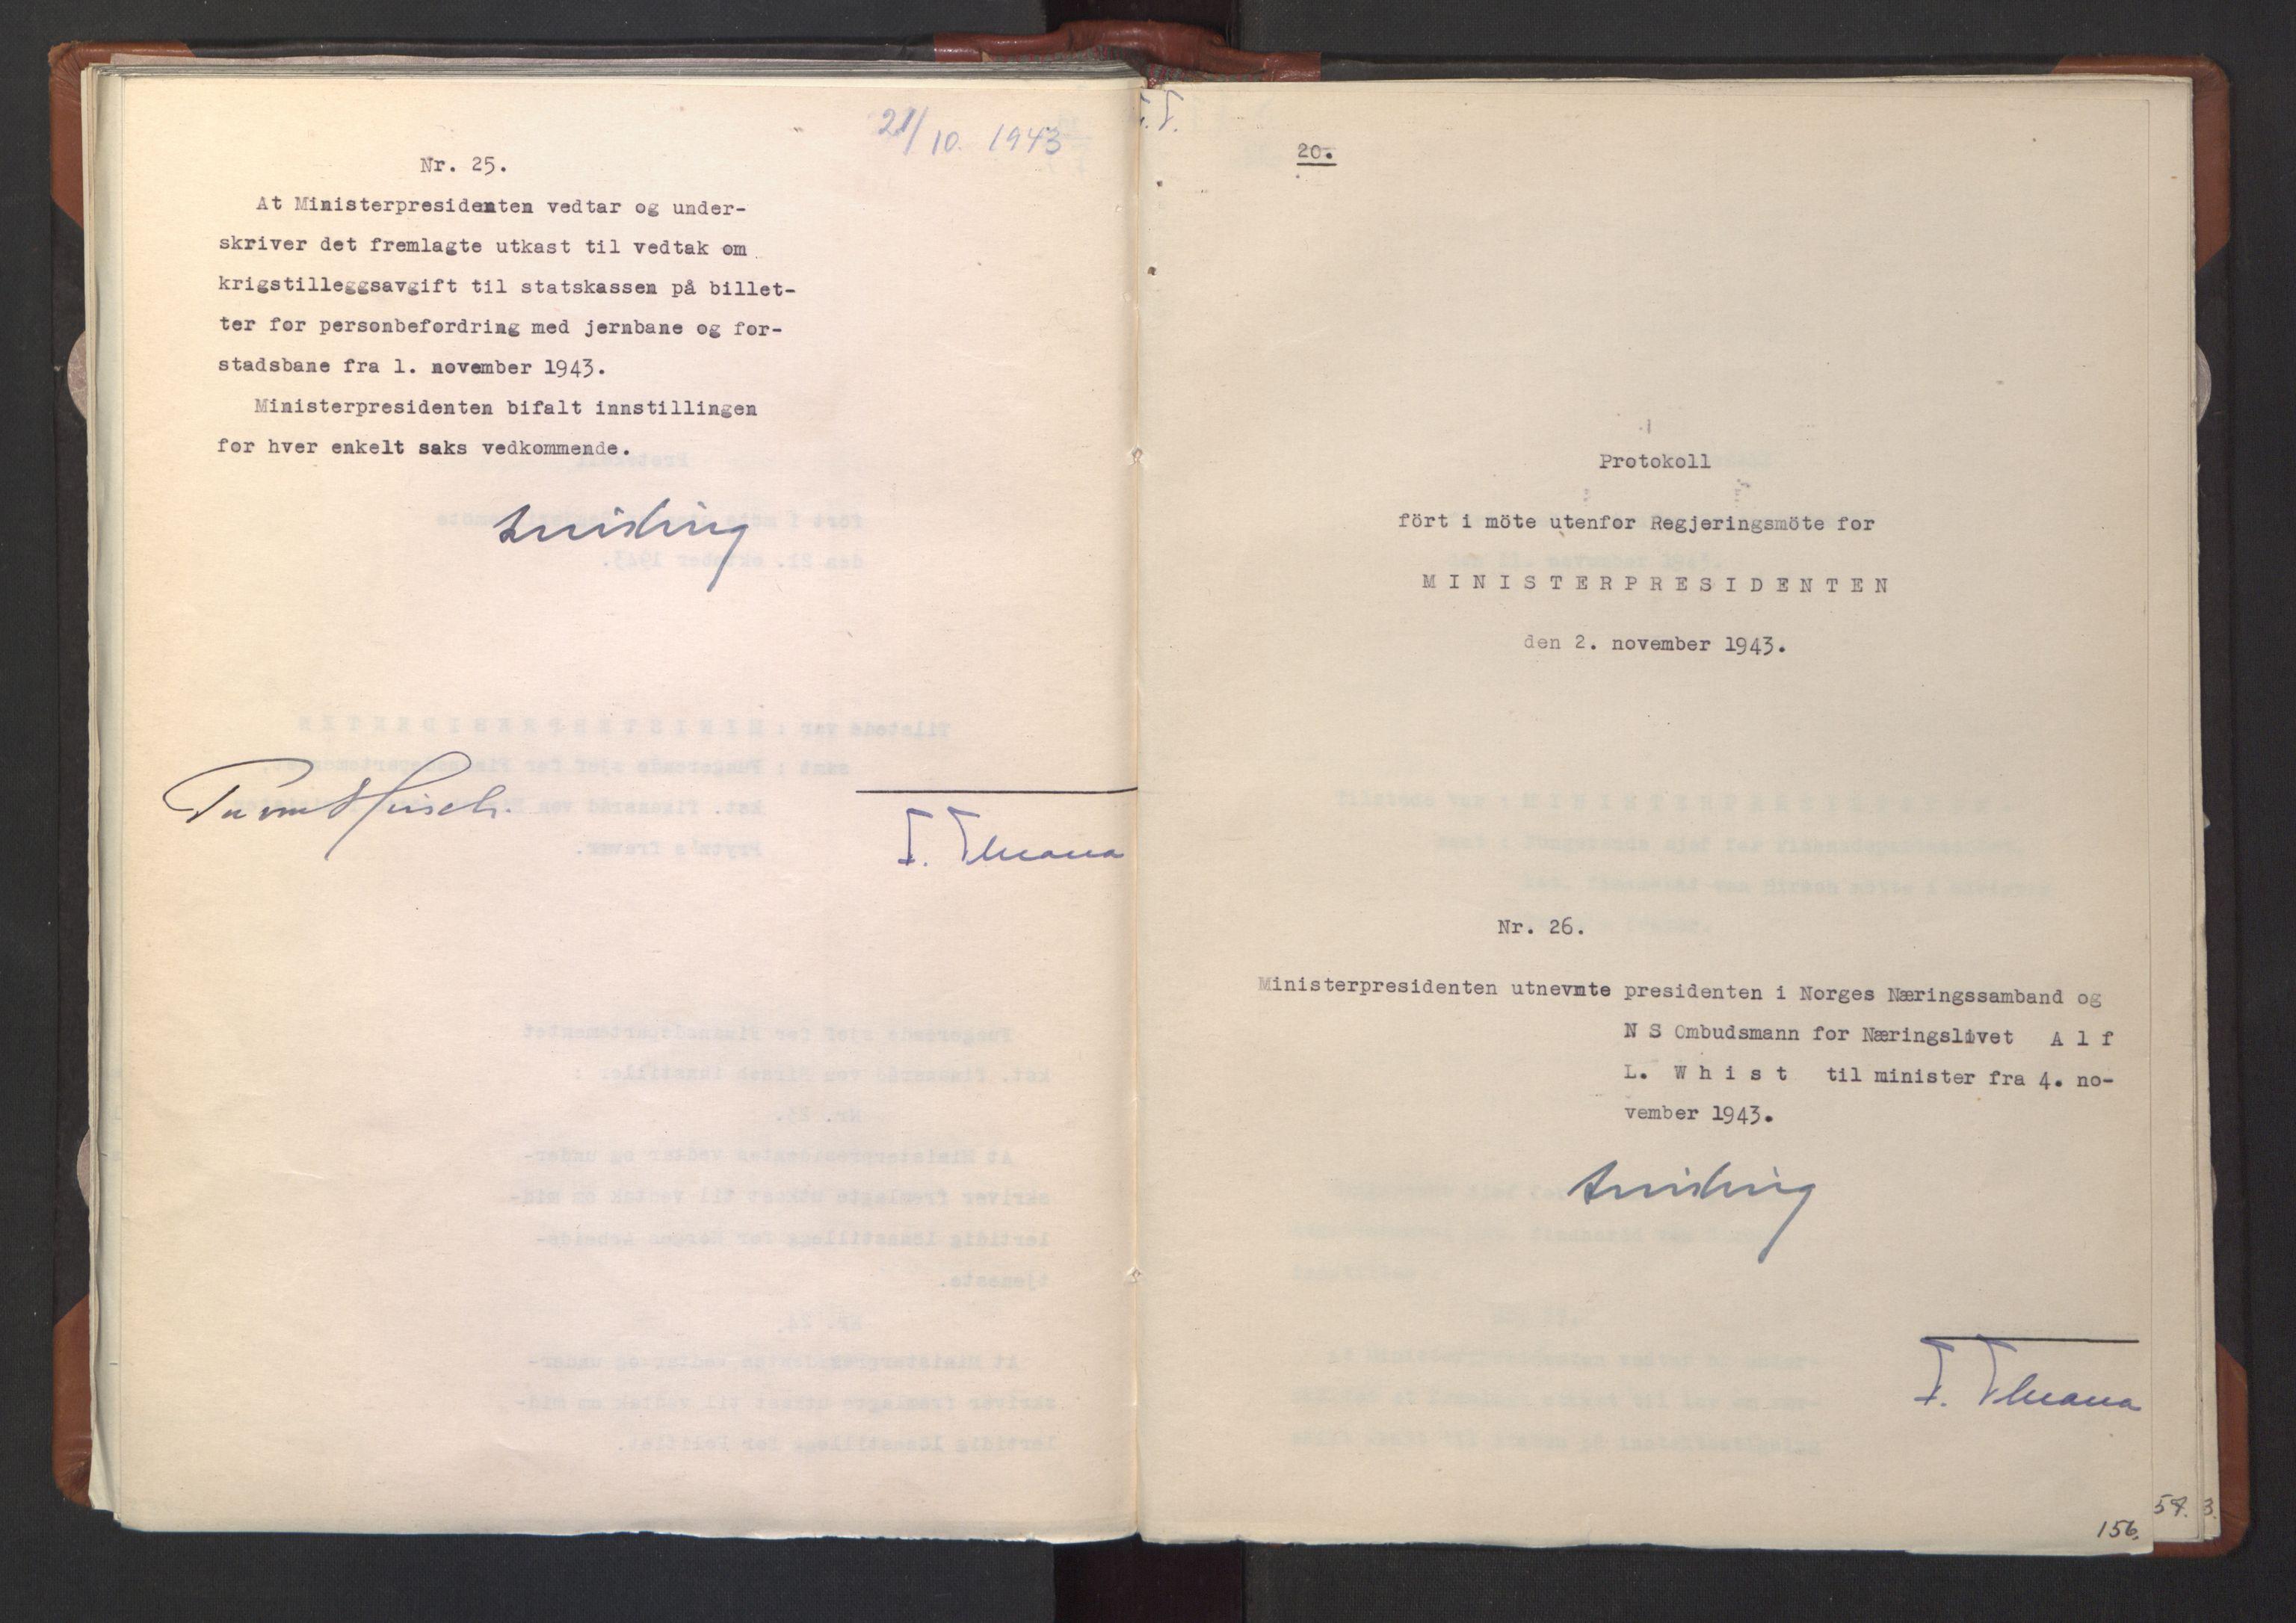 RA, NS-administrasjonen 1940-1945 (Statsrådsekretariatet, de kommisariske statsråder mm), D/Da/L0003: Vedtak (Beslutninger) nr. 1-746 og tillegg nr. 1-47 (RA. j.nr. 1394/1944, tilgangsnr. 8/1944, 1943, s. 155b-156a